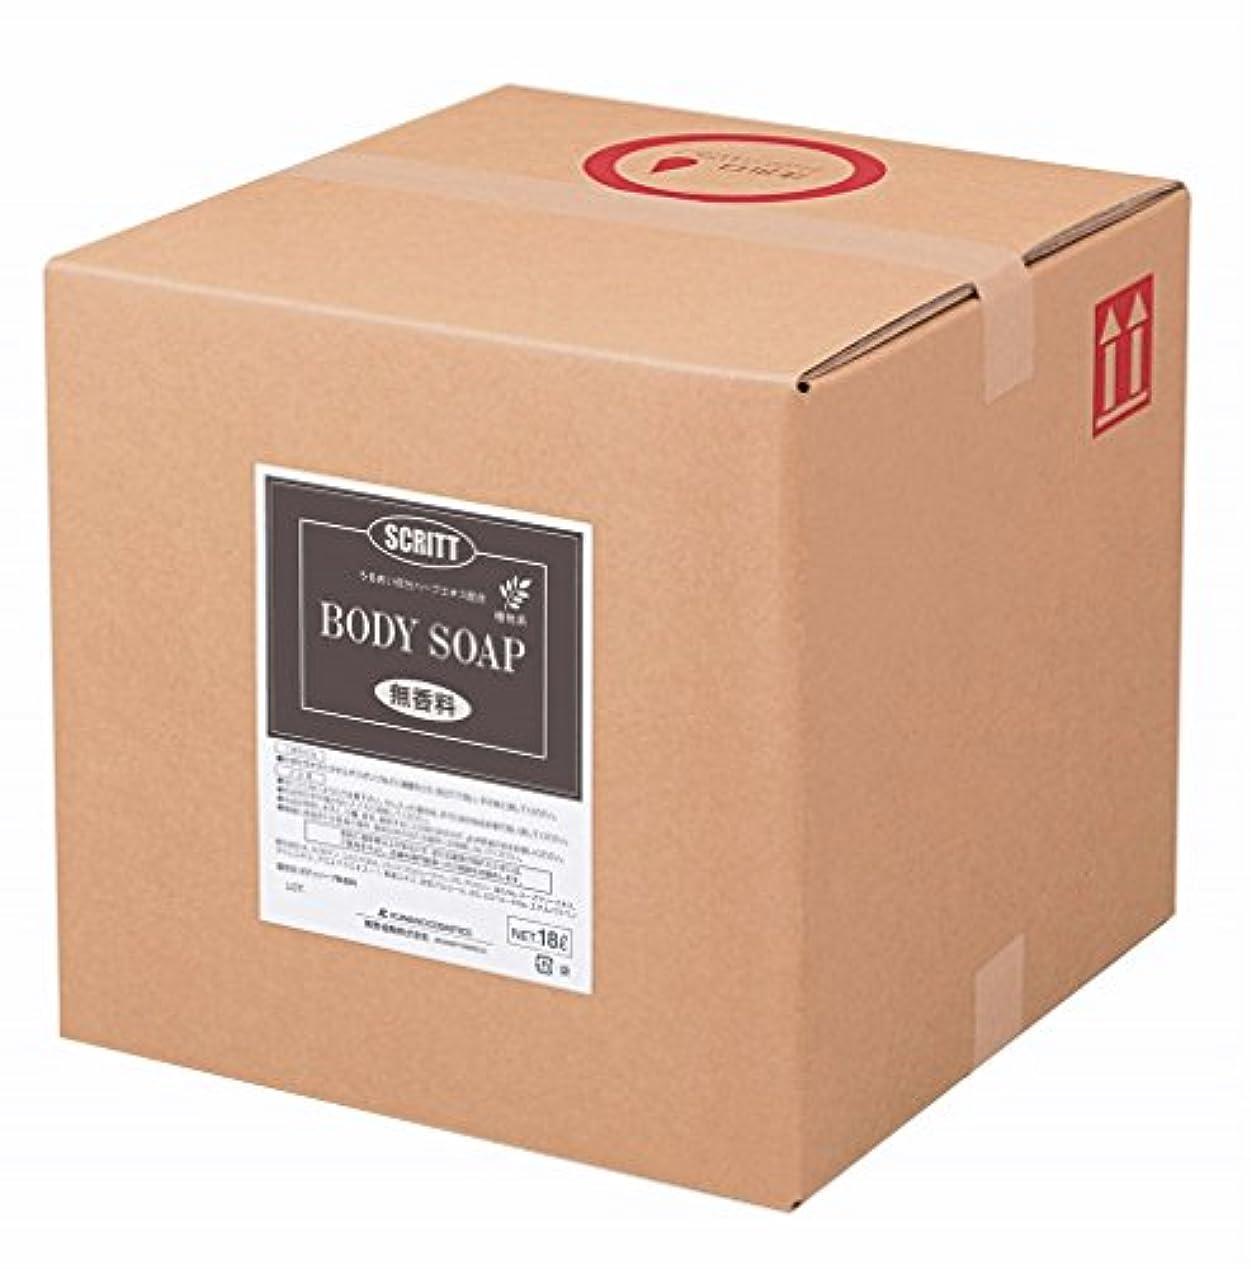 申し込む家禽鷲熊野油脂 業務用 SCRITT(スクリット) 無香料ボディソープ 18L